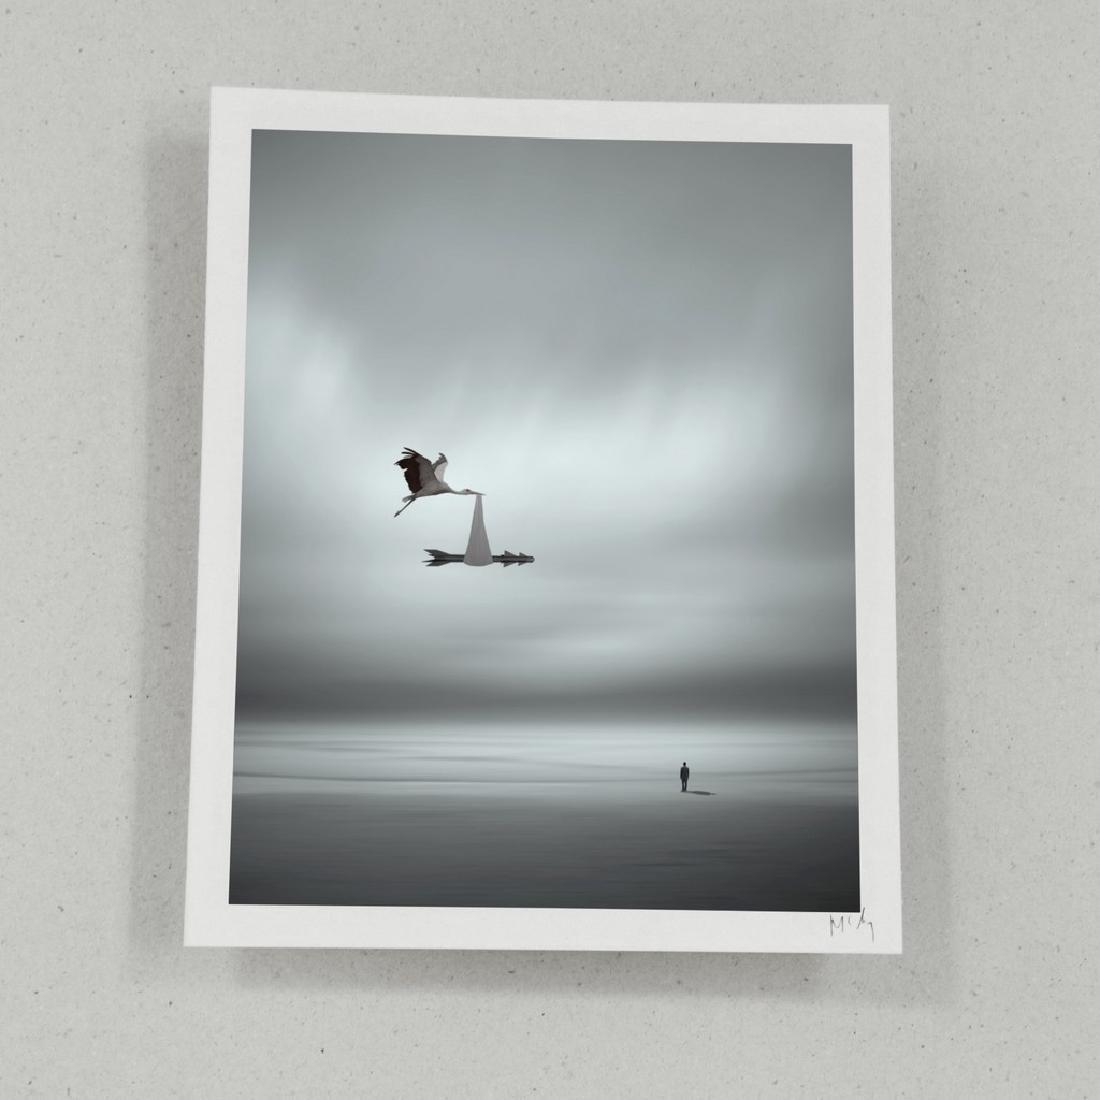 Philip Mckay Print Airborne Folio - 5